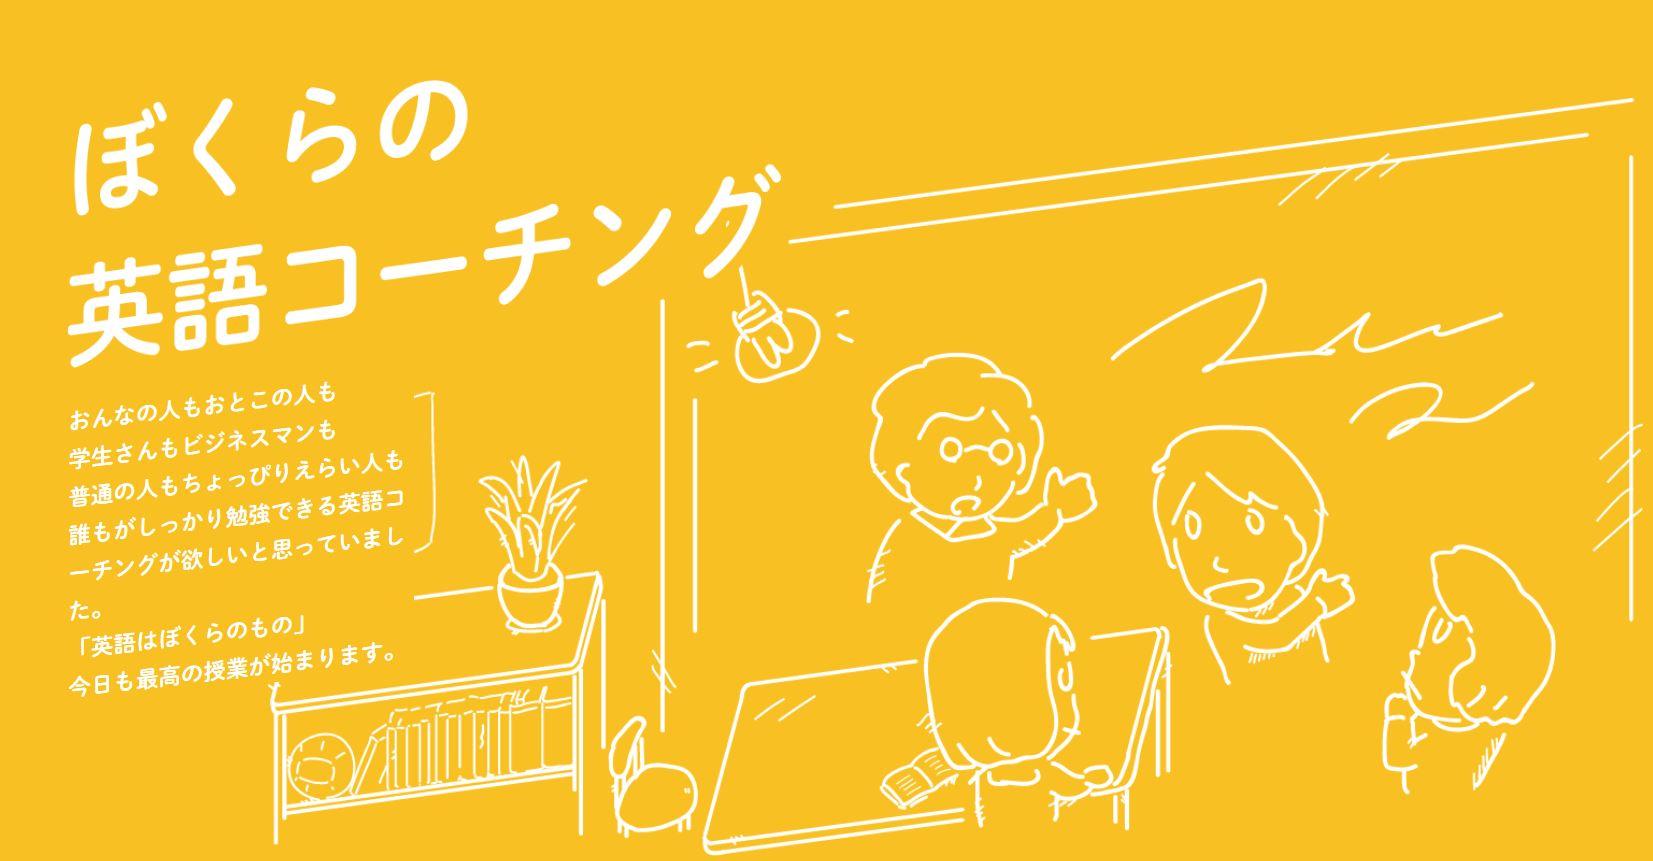 3.ぼくらの英語コーチング